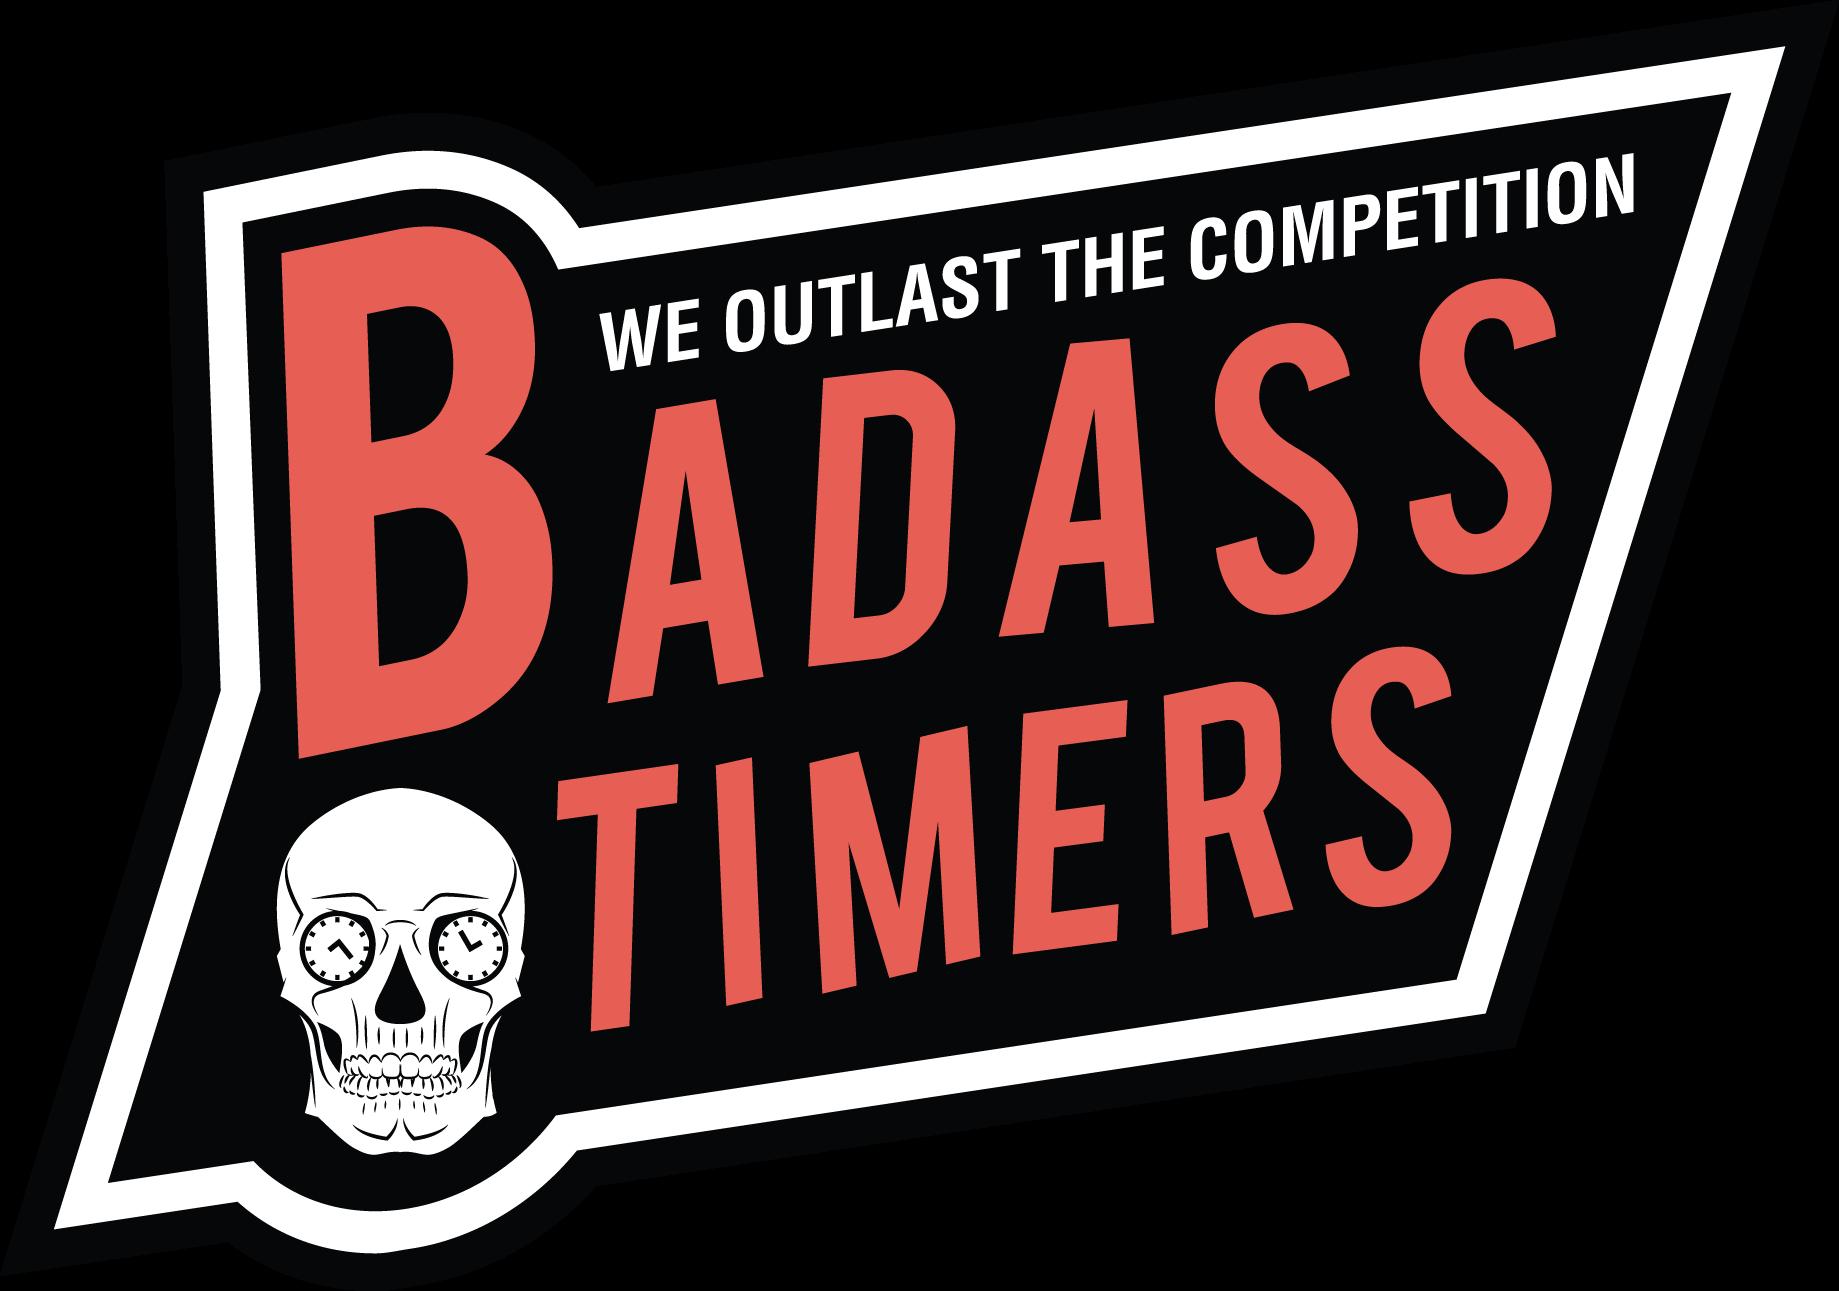 Badass Timers